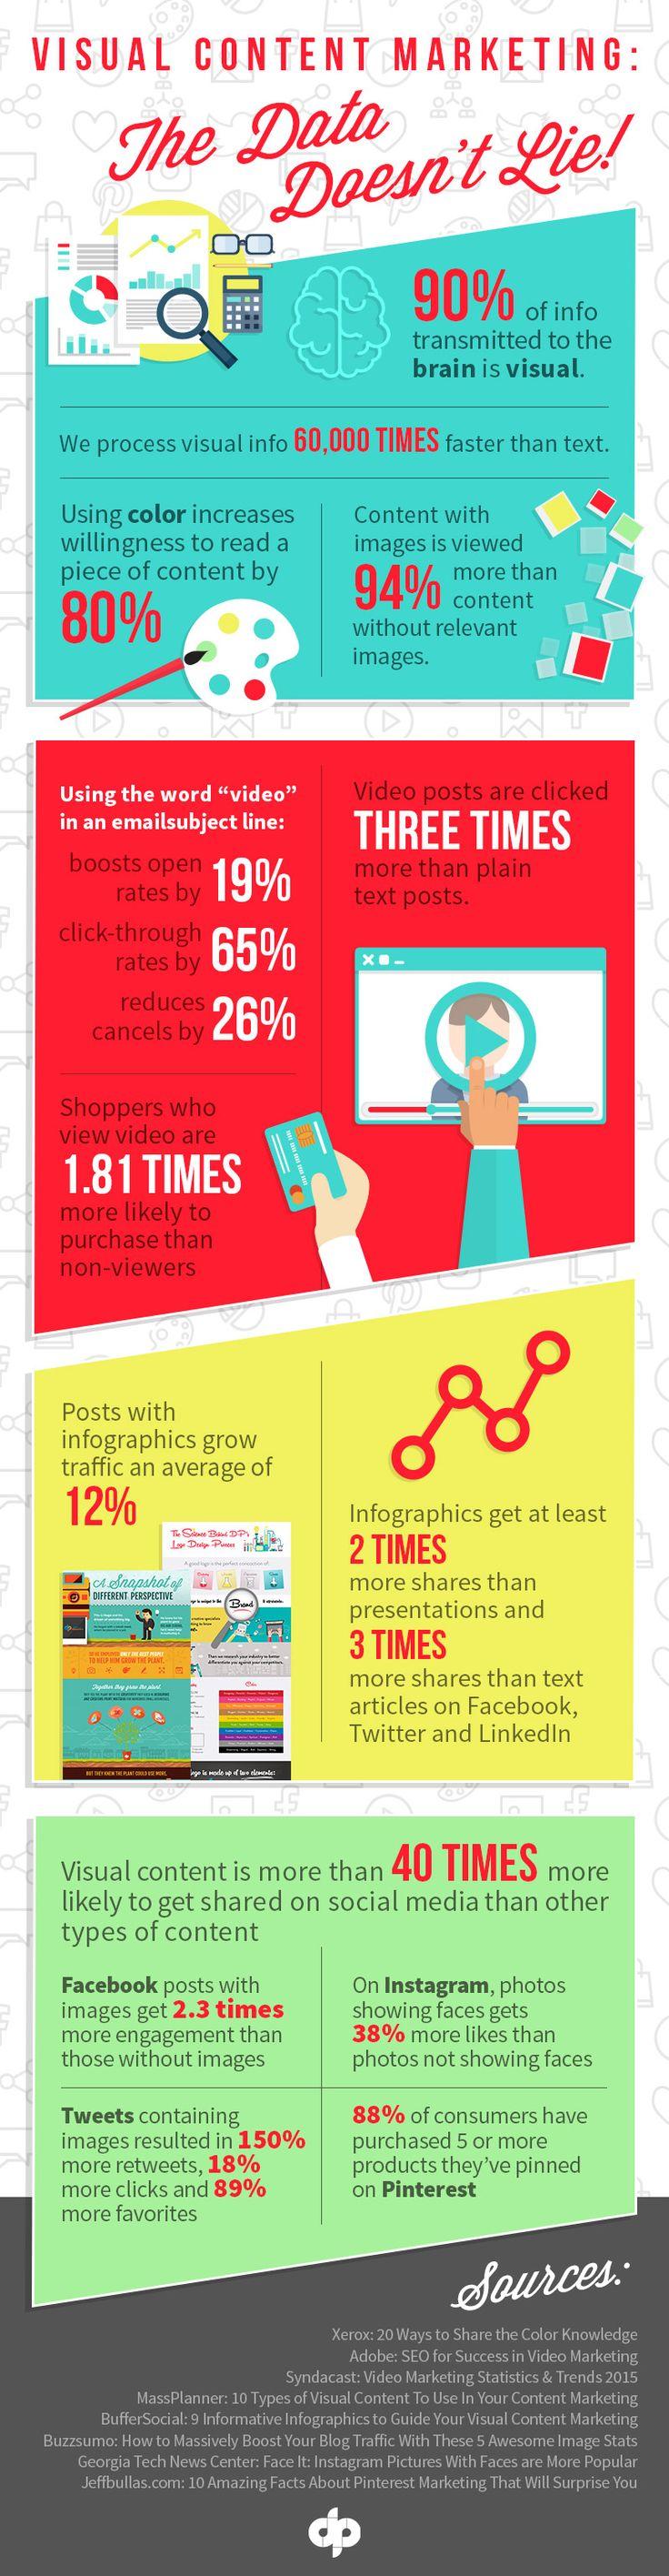 Chcesz zdobyć klientów lub czytelników bloga? Przyciągnij ich za pomocą wizualnych treści - dzięki temu dotrzesz do nich znacznie łatwiej. Treści wizualne są bowiem dokładnie tym, co preferuje każdy internauta. #jakZdobyćKlientów #marketingTreści